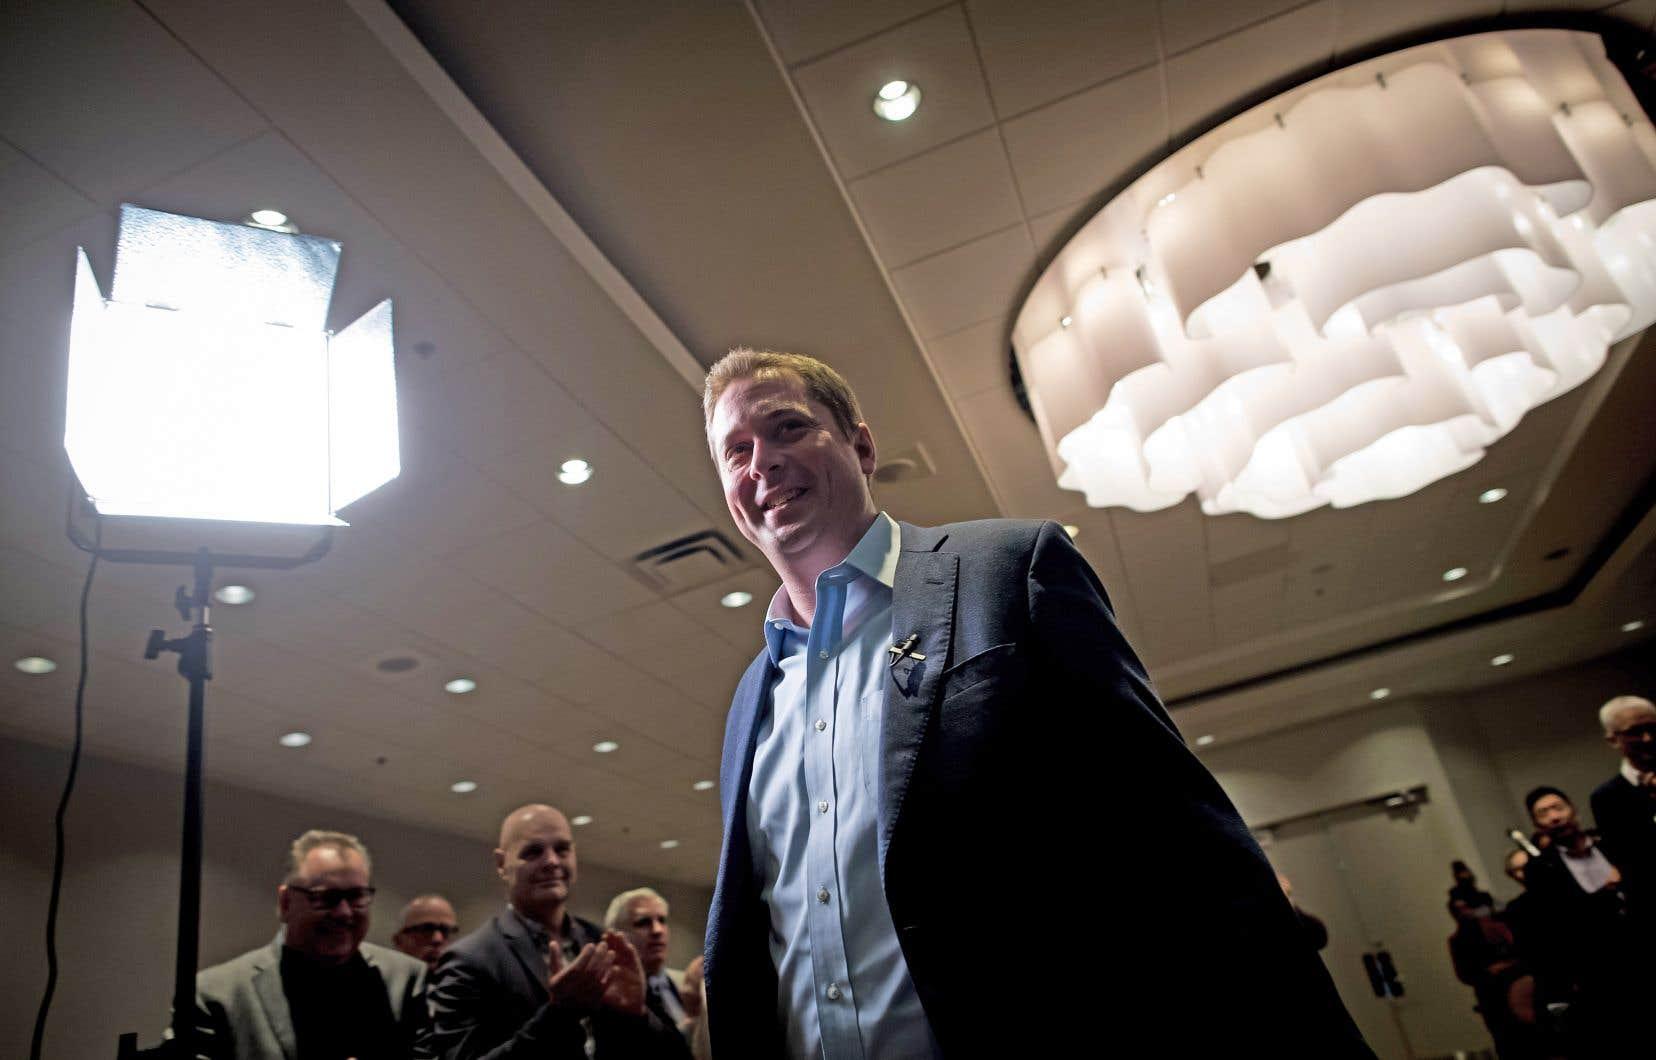 Andrew Scheer est arrivé à la tête du Parti conservateur du Canada il y a près de deux ans (en mai 2017), succédant à Rona Ambrose, qui en assurait l'intérim depuis la démission, en 2015, de l'ancien premier ministre Stephen Harper.